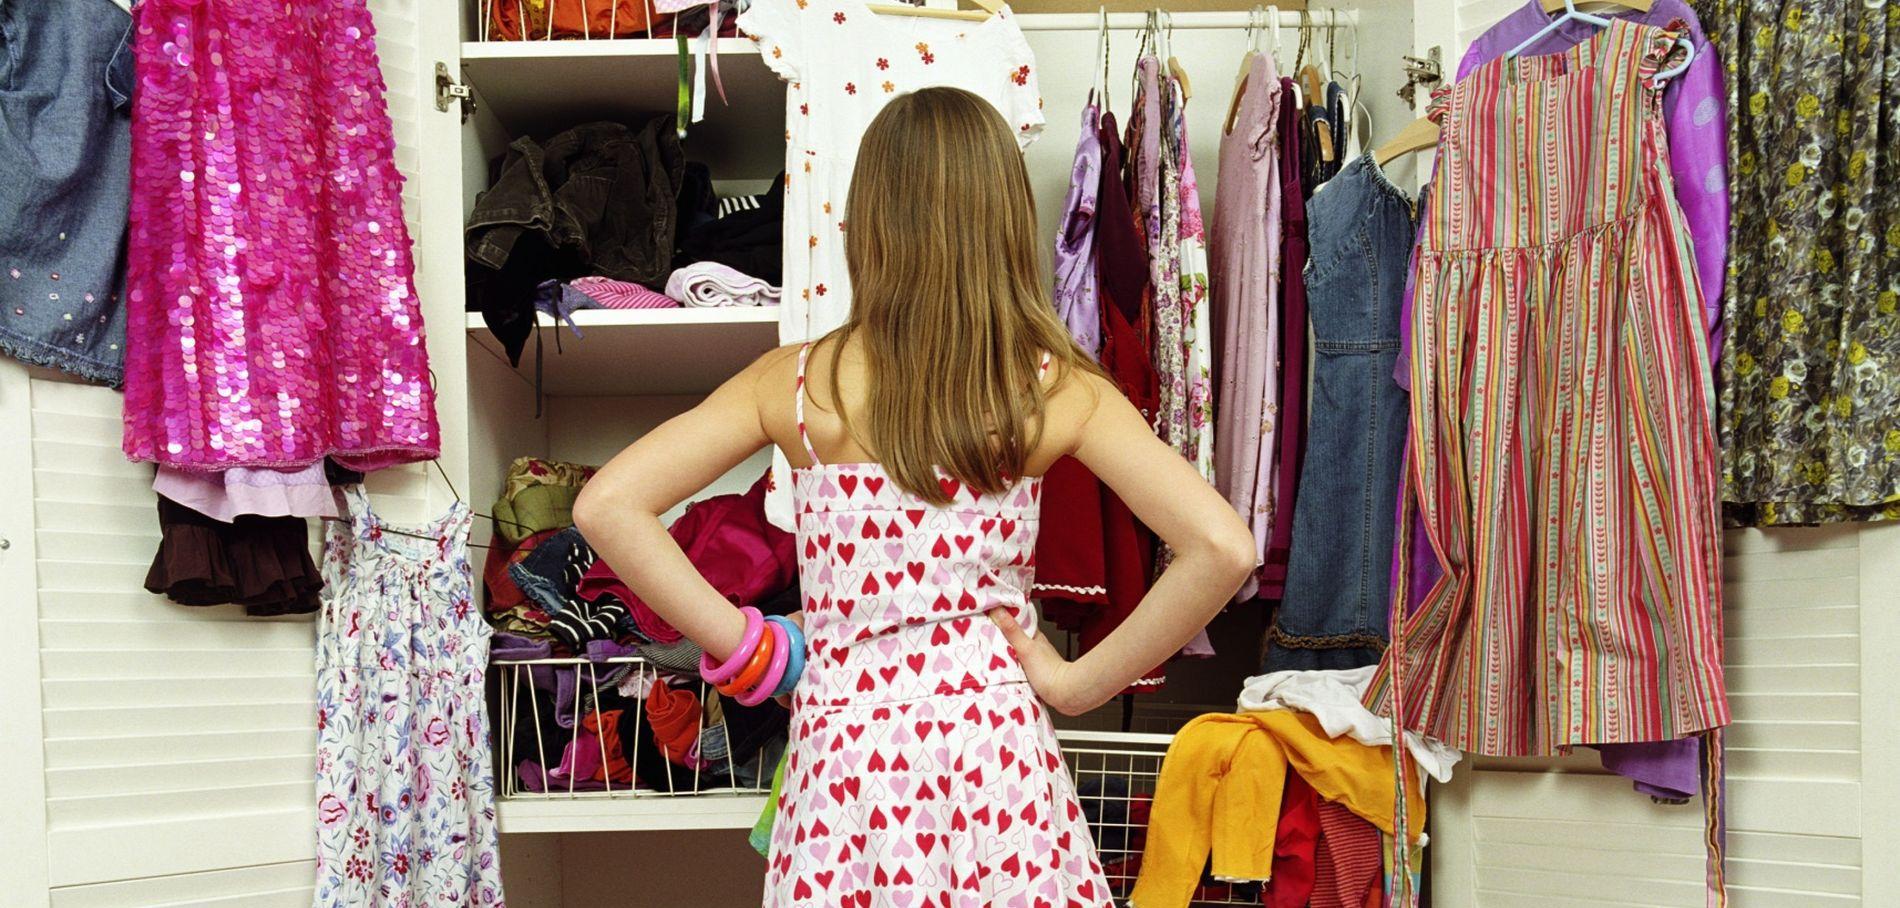 Как правильно разобрать гардероб по стилю